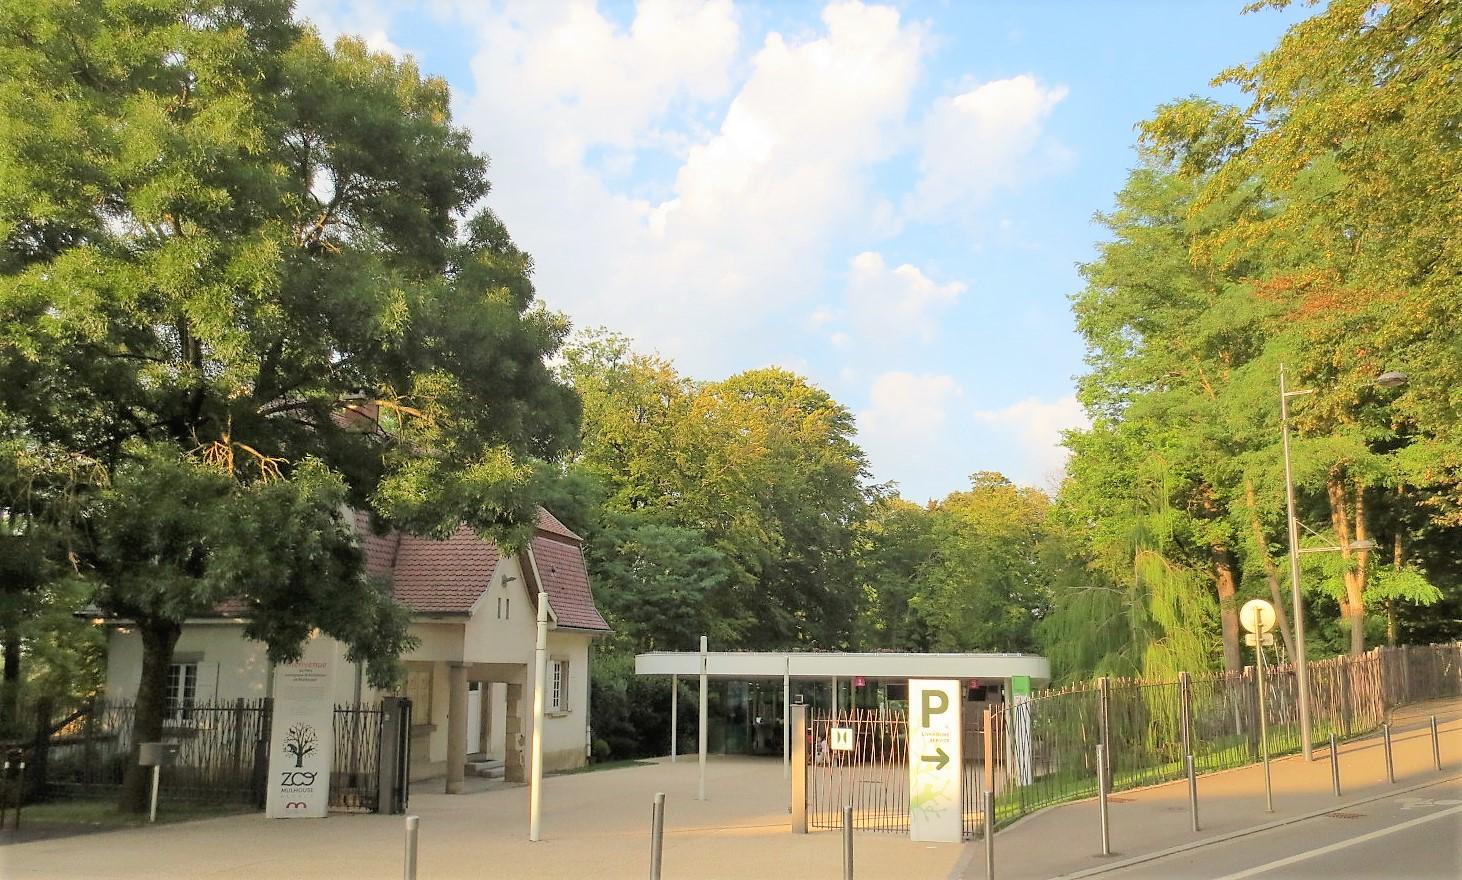 Parc zoologique et botanique de Mulhouse  Wikipdia